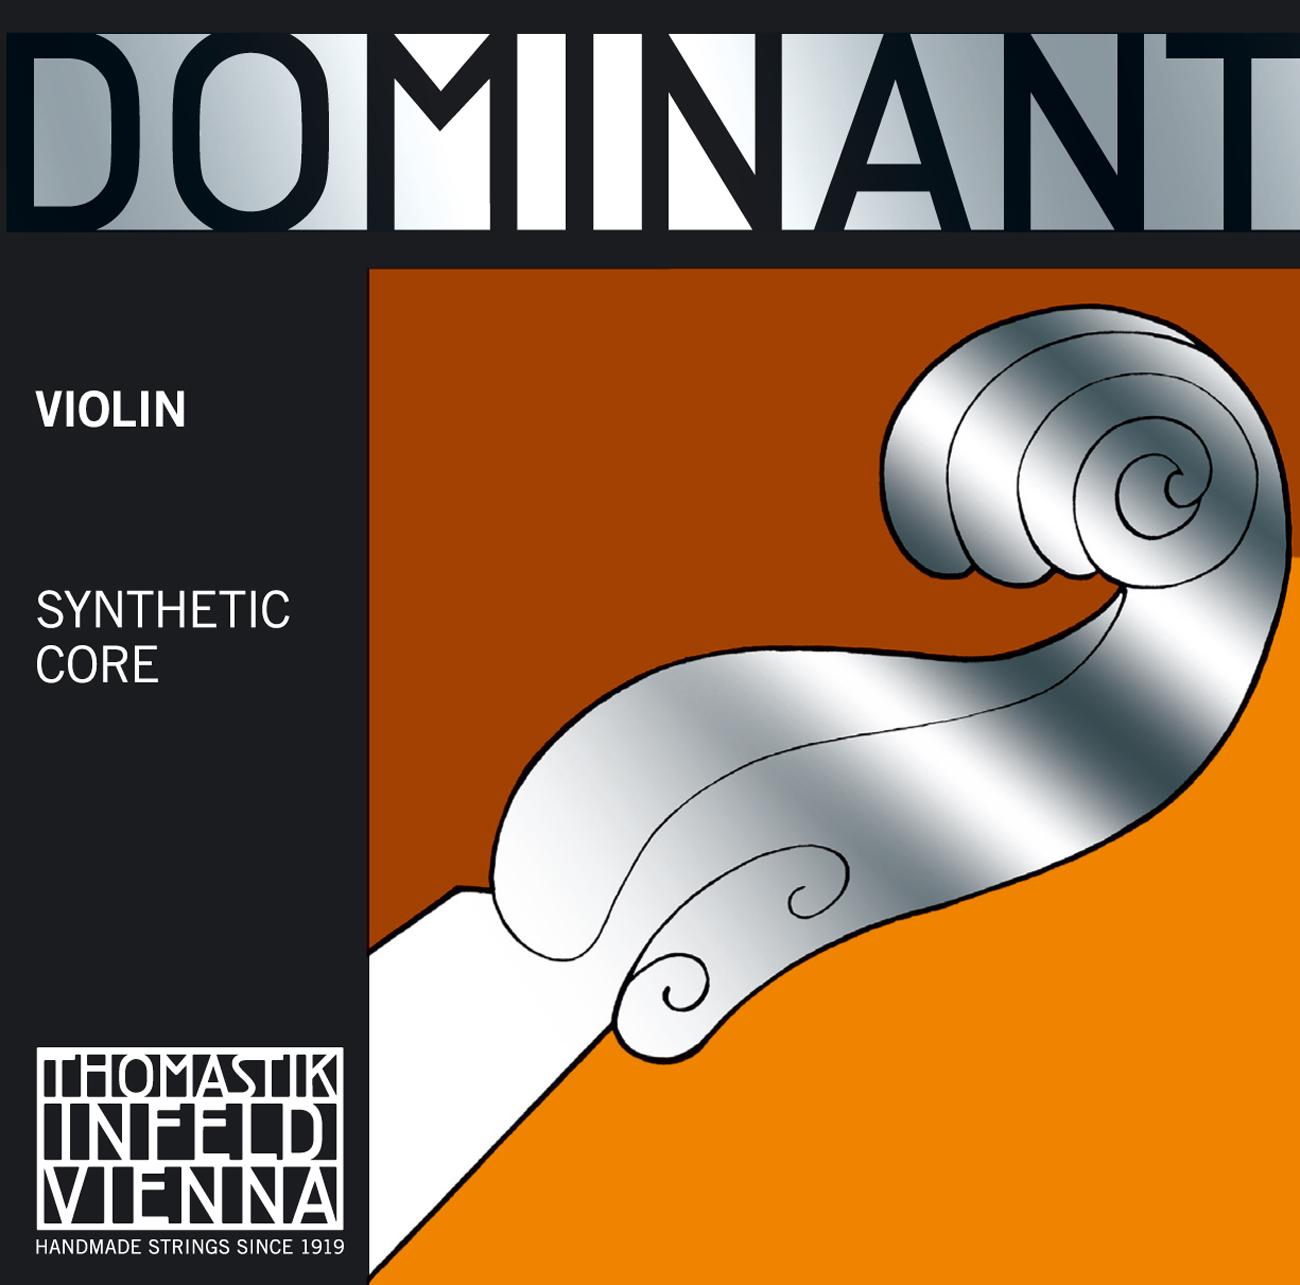 Dominant Violin A Aluminium 4/4 - Strong